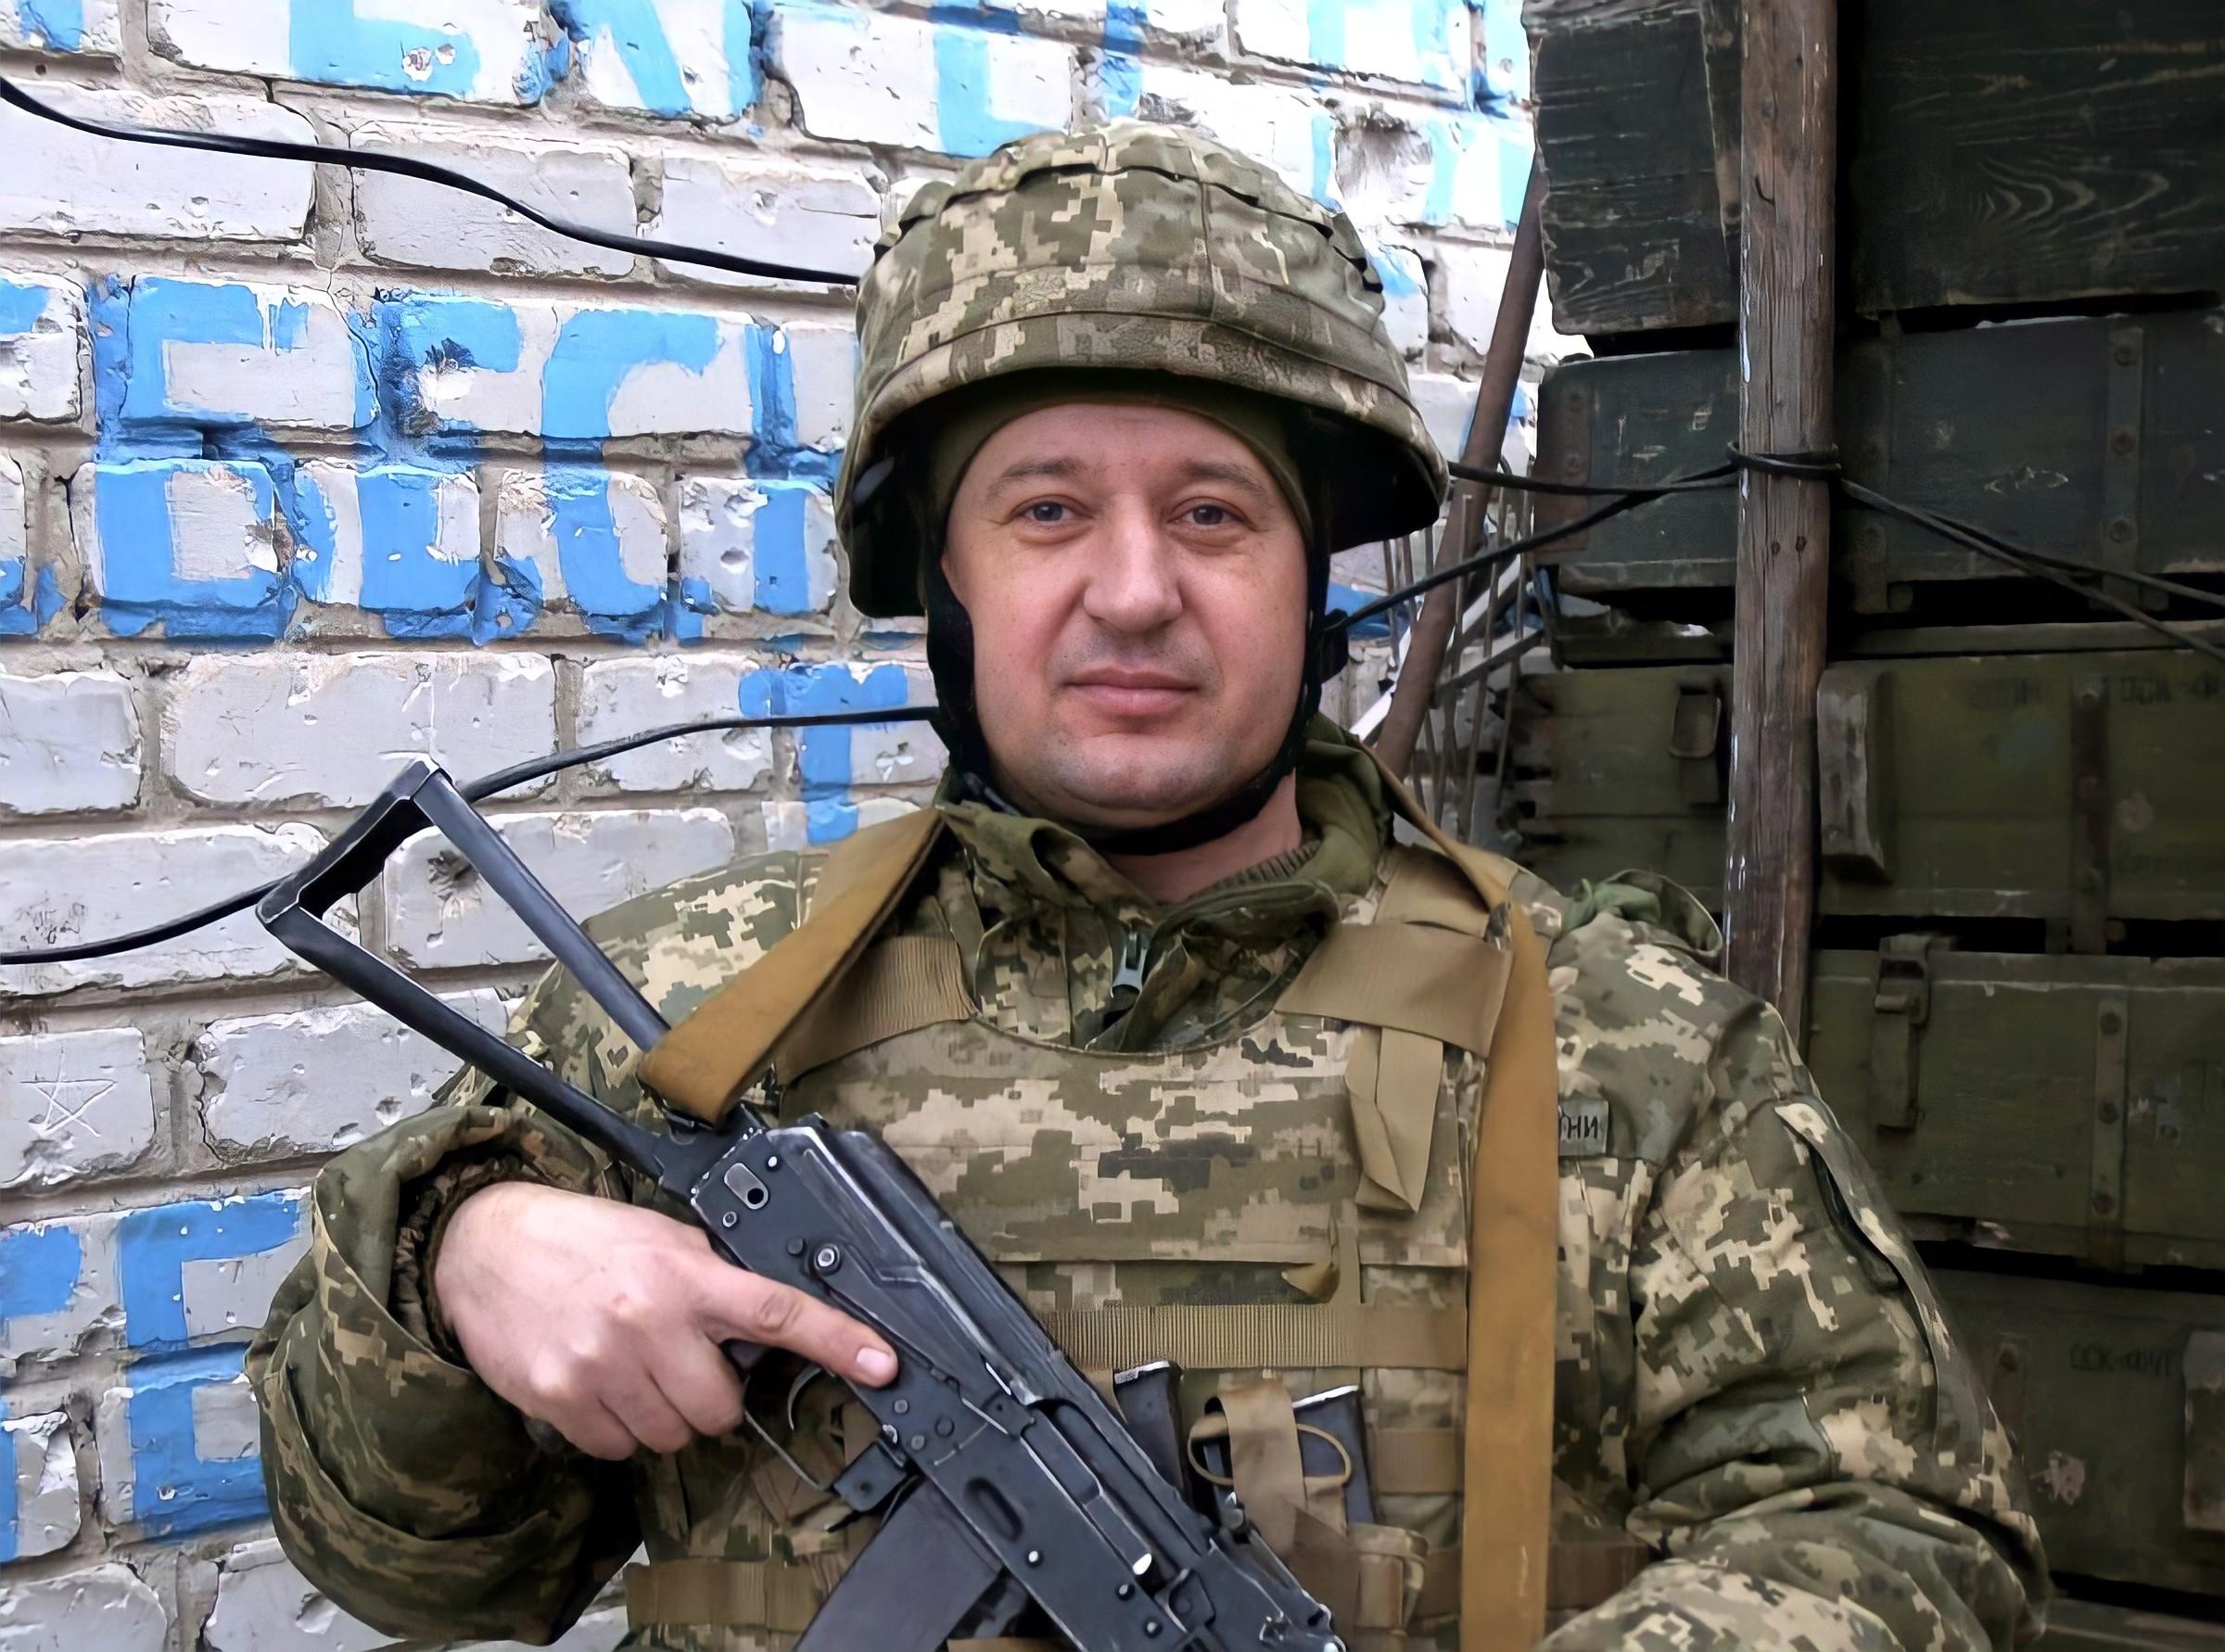 Роман Орищенко: «Нині маю не менш важливий обов'язок – захищати Батьківщину»